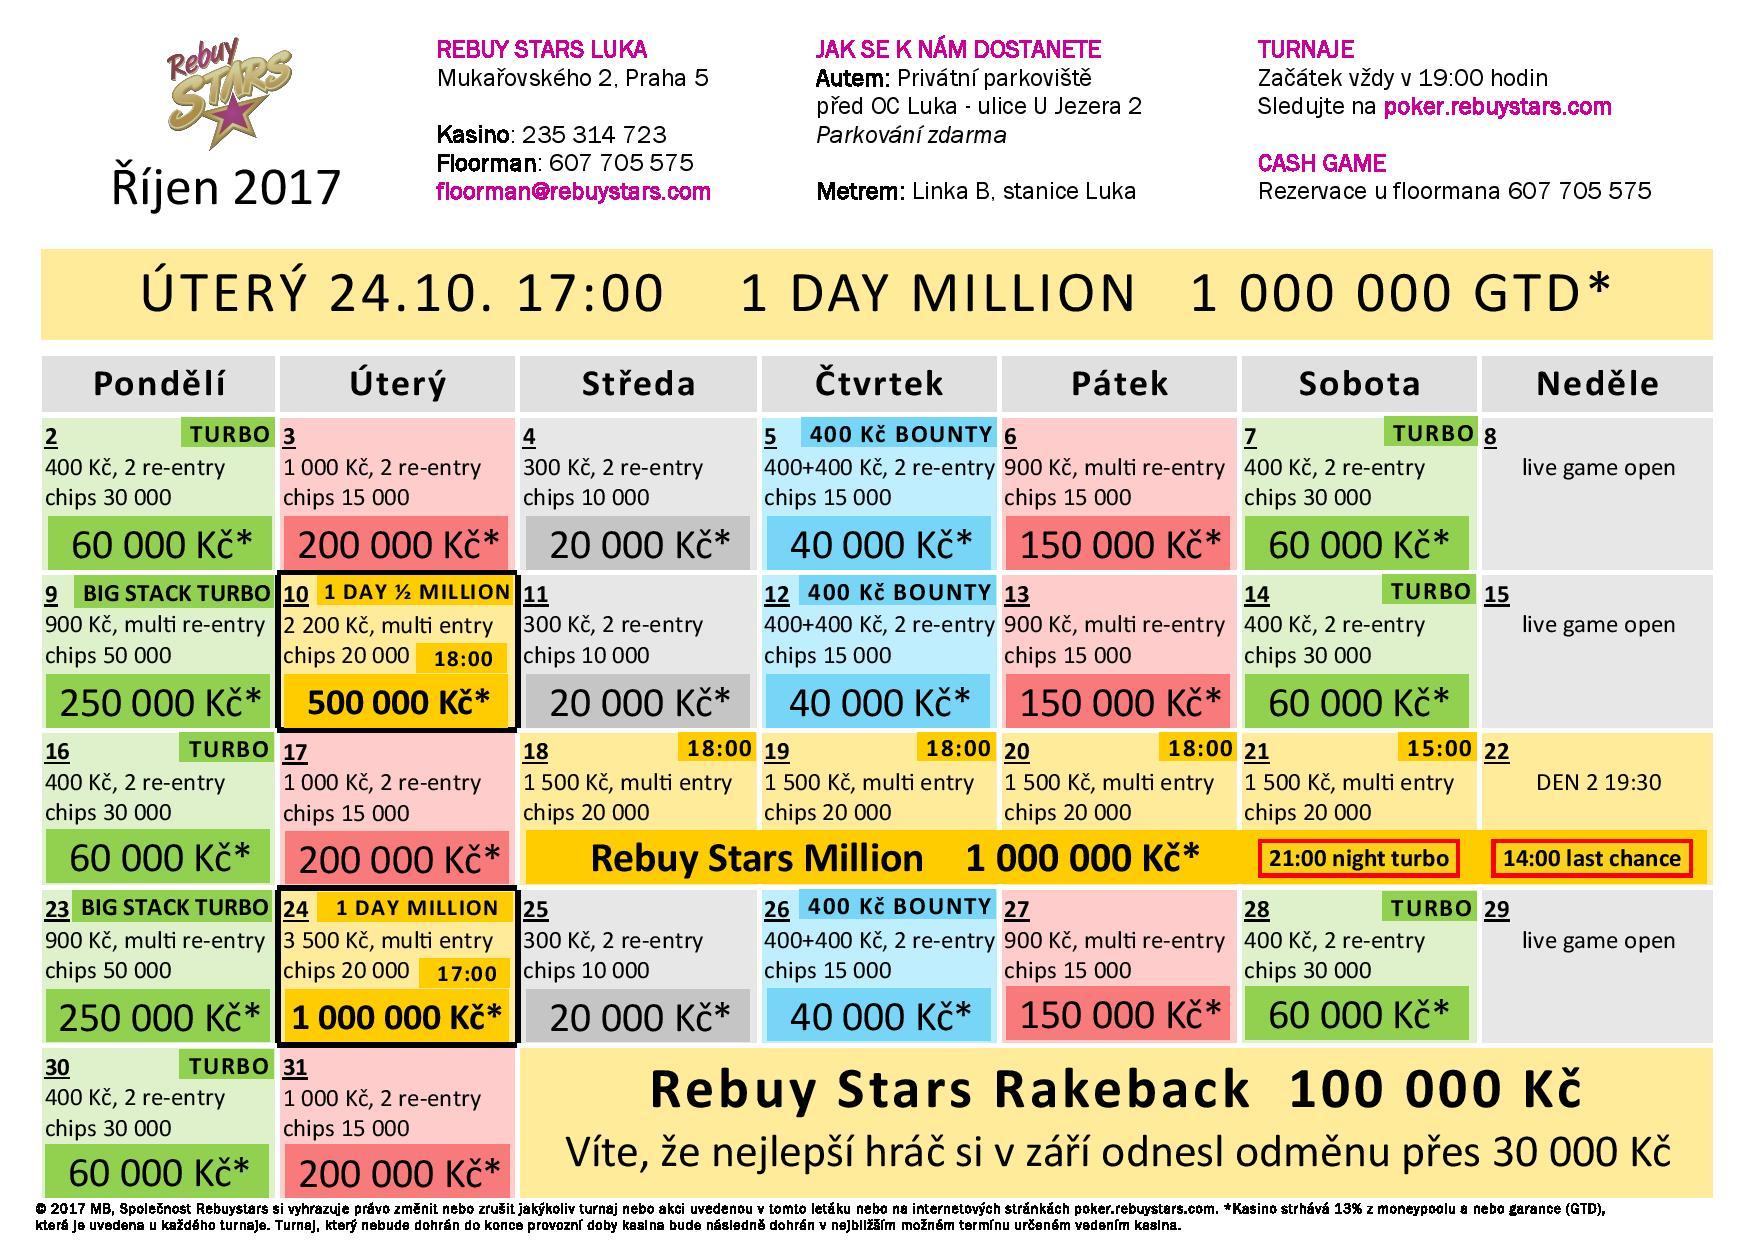 Říjnové turnaje v Rebuy Stars Luka